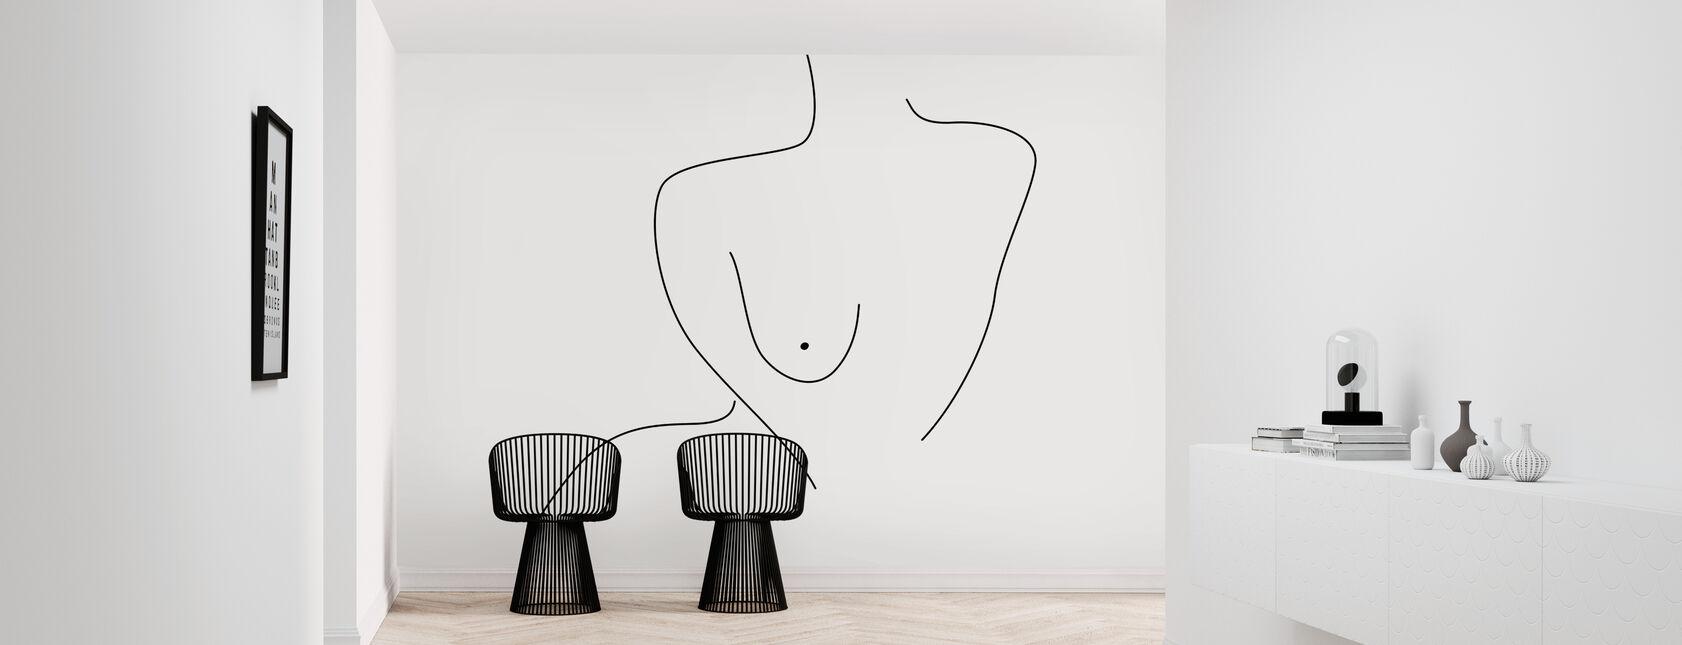 Sexual Figure Lines - Wallpaper - Hallway